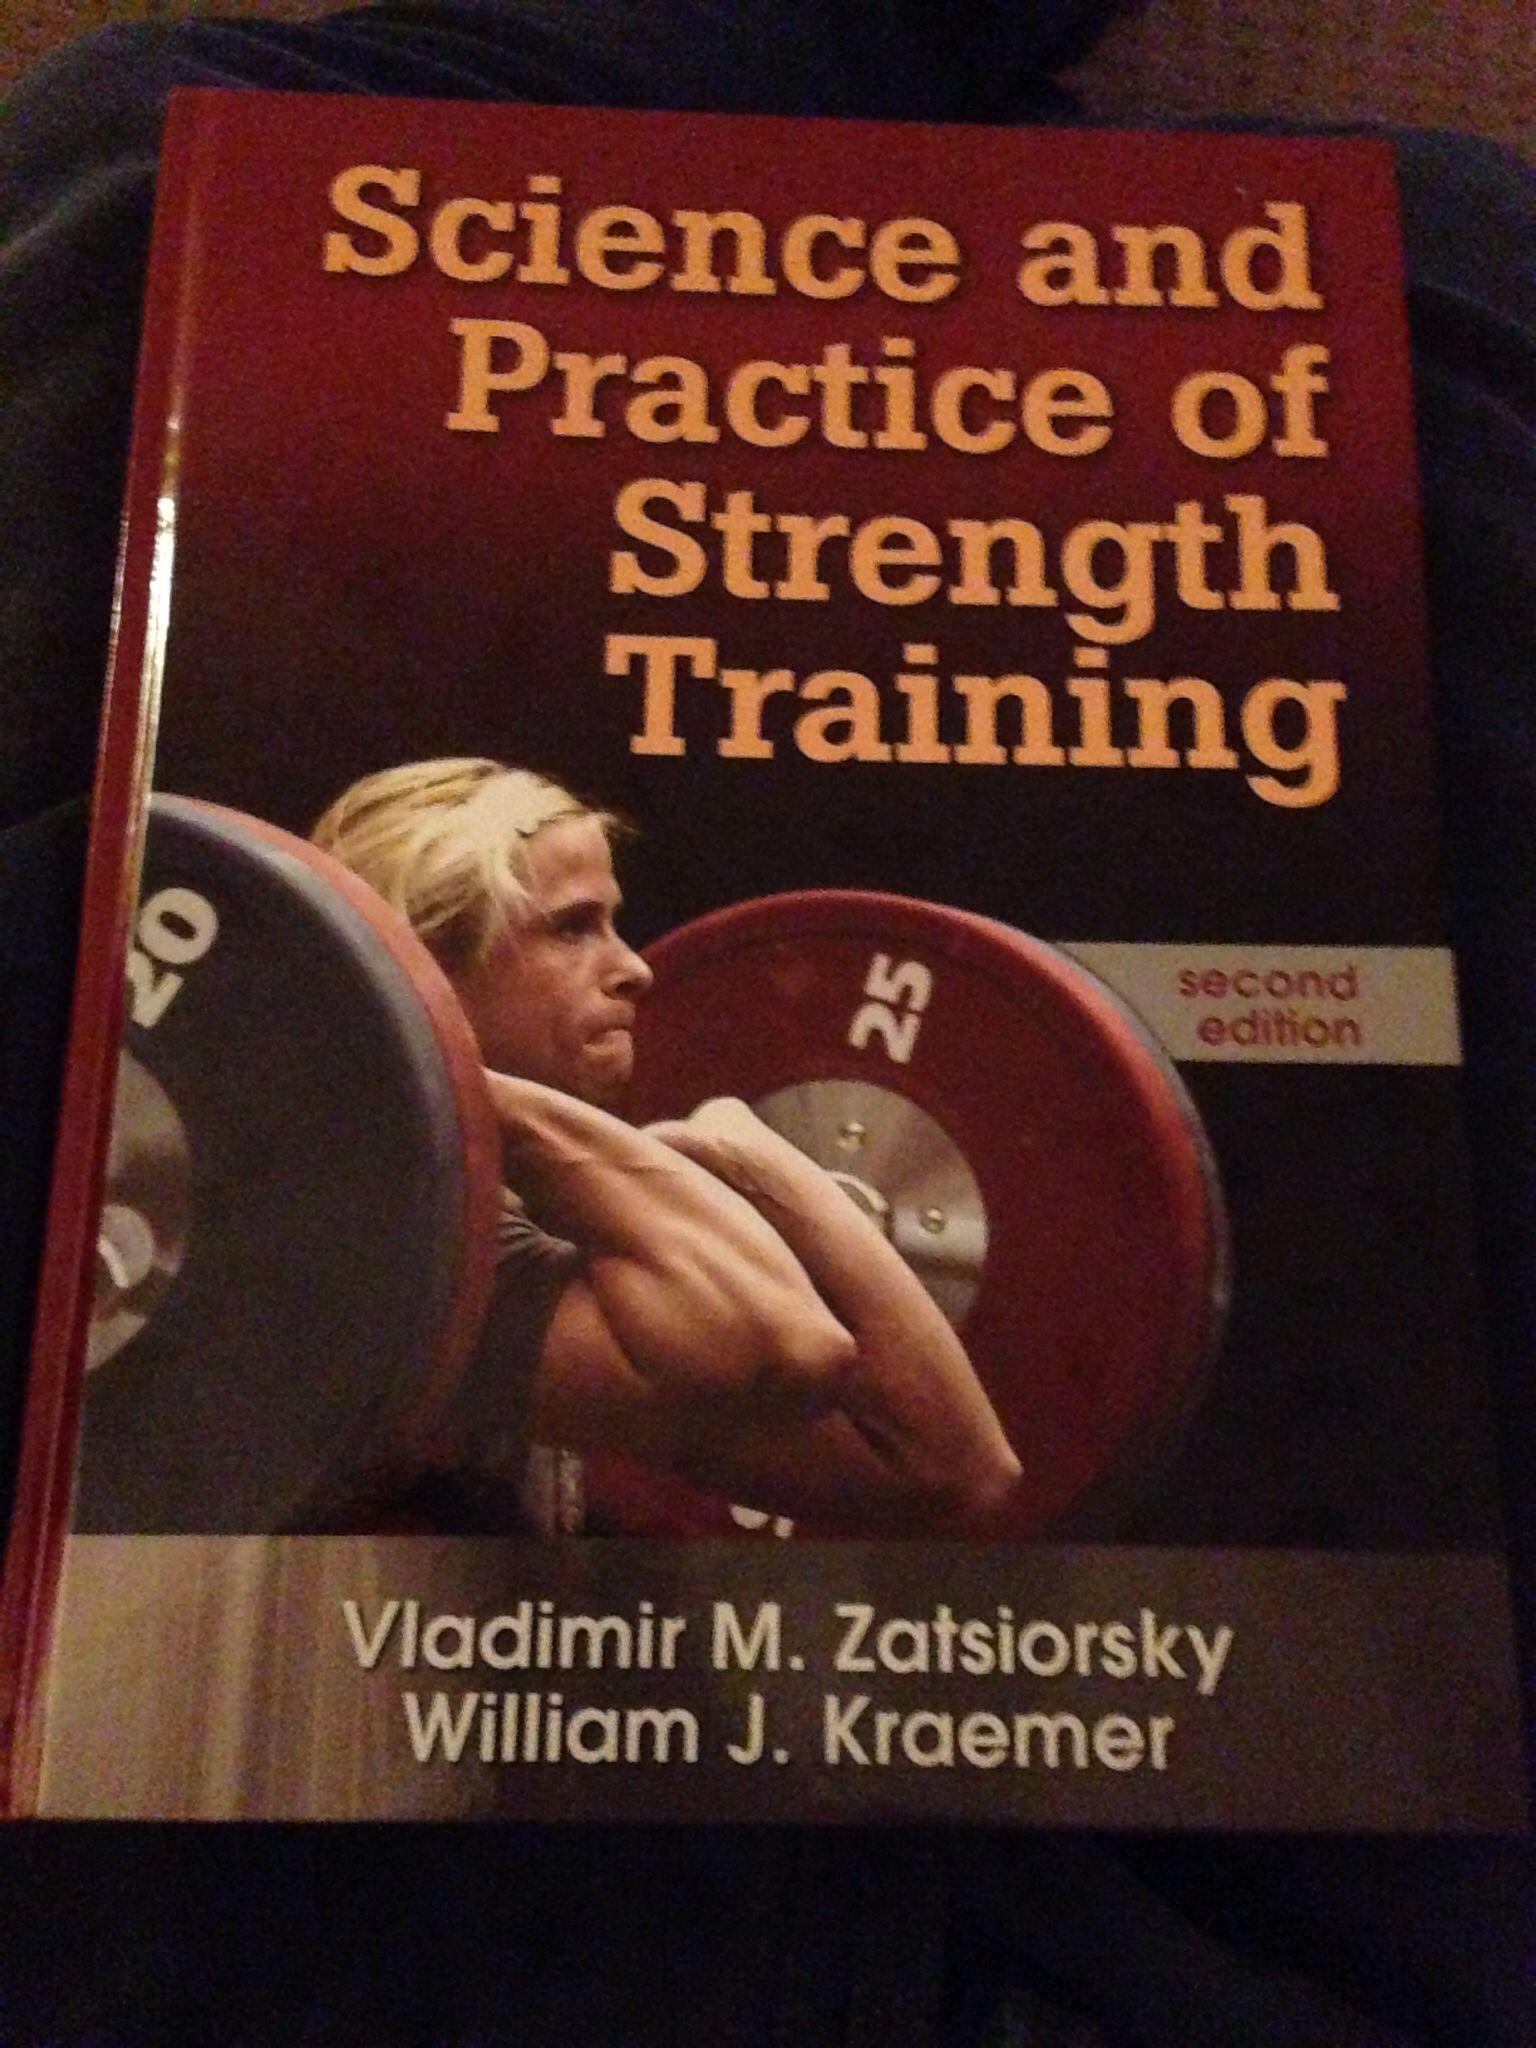 Zatsiorsky Books, Strength training, Reading